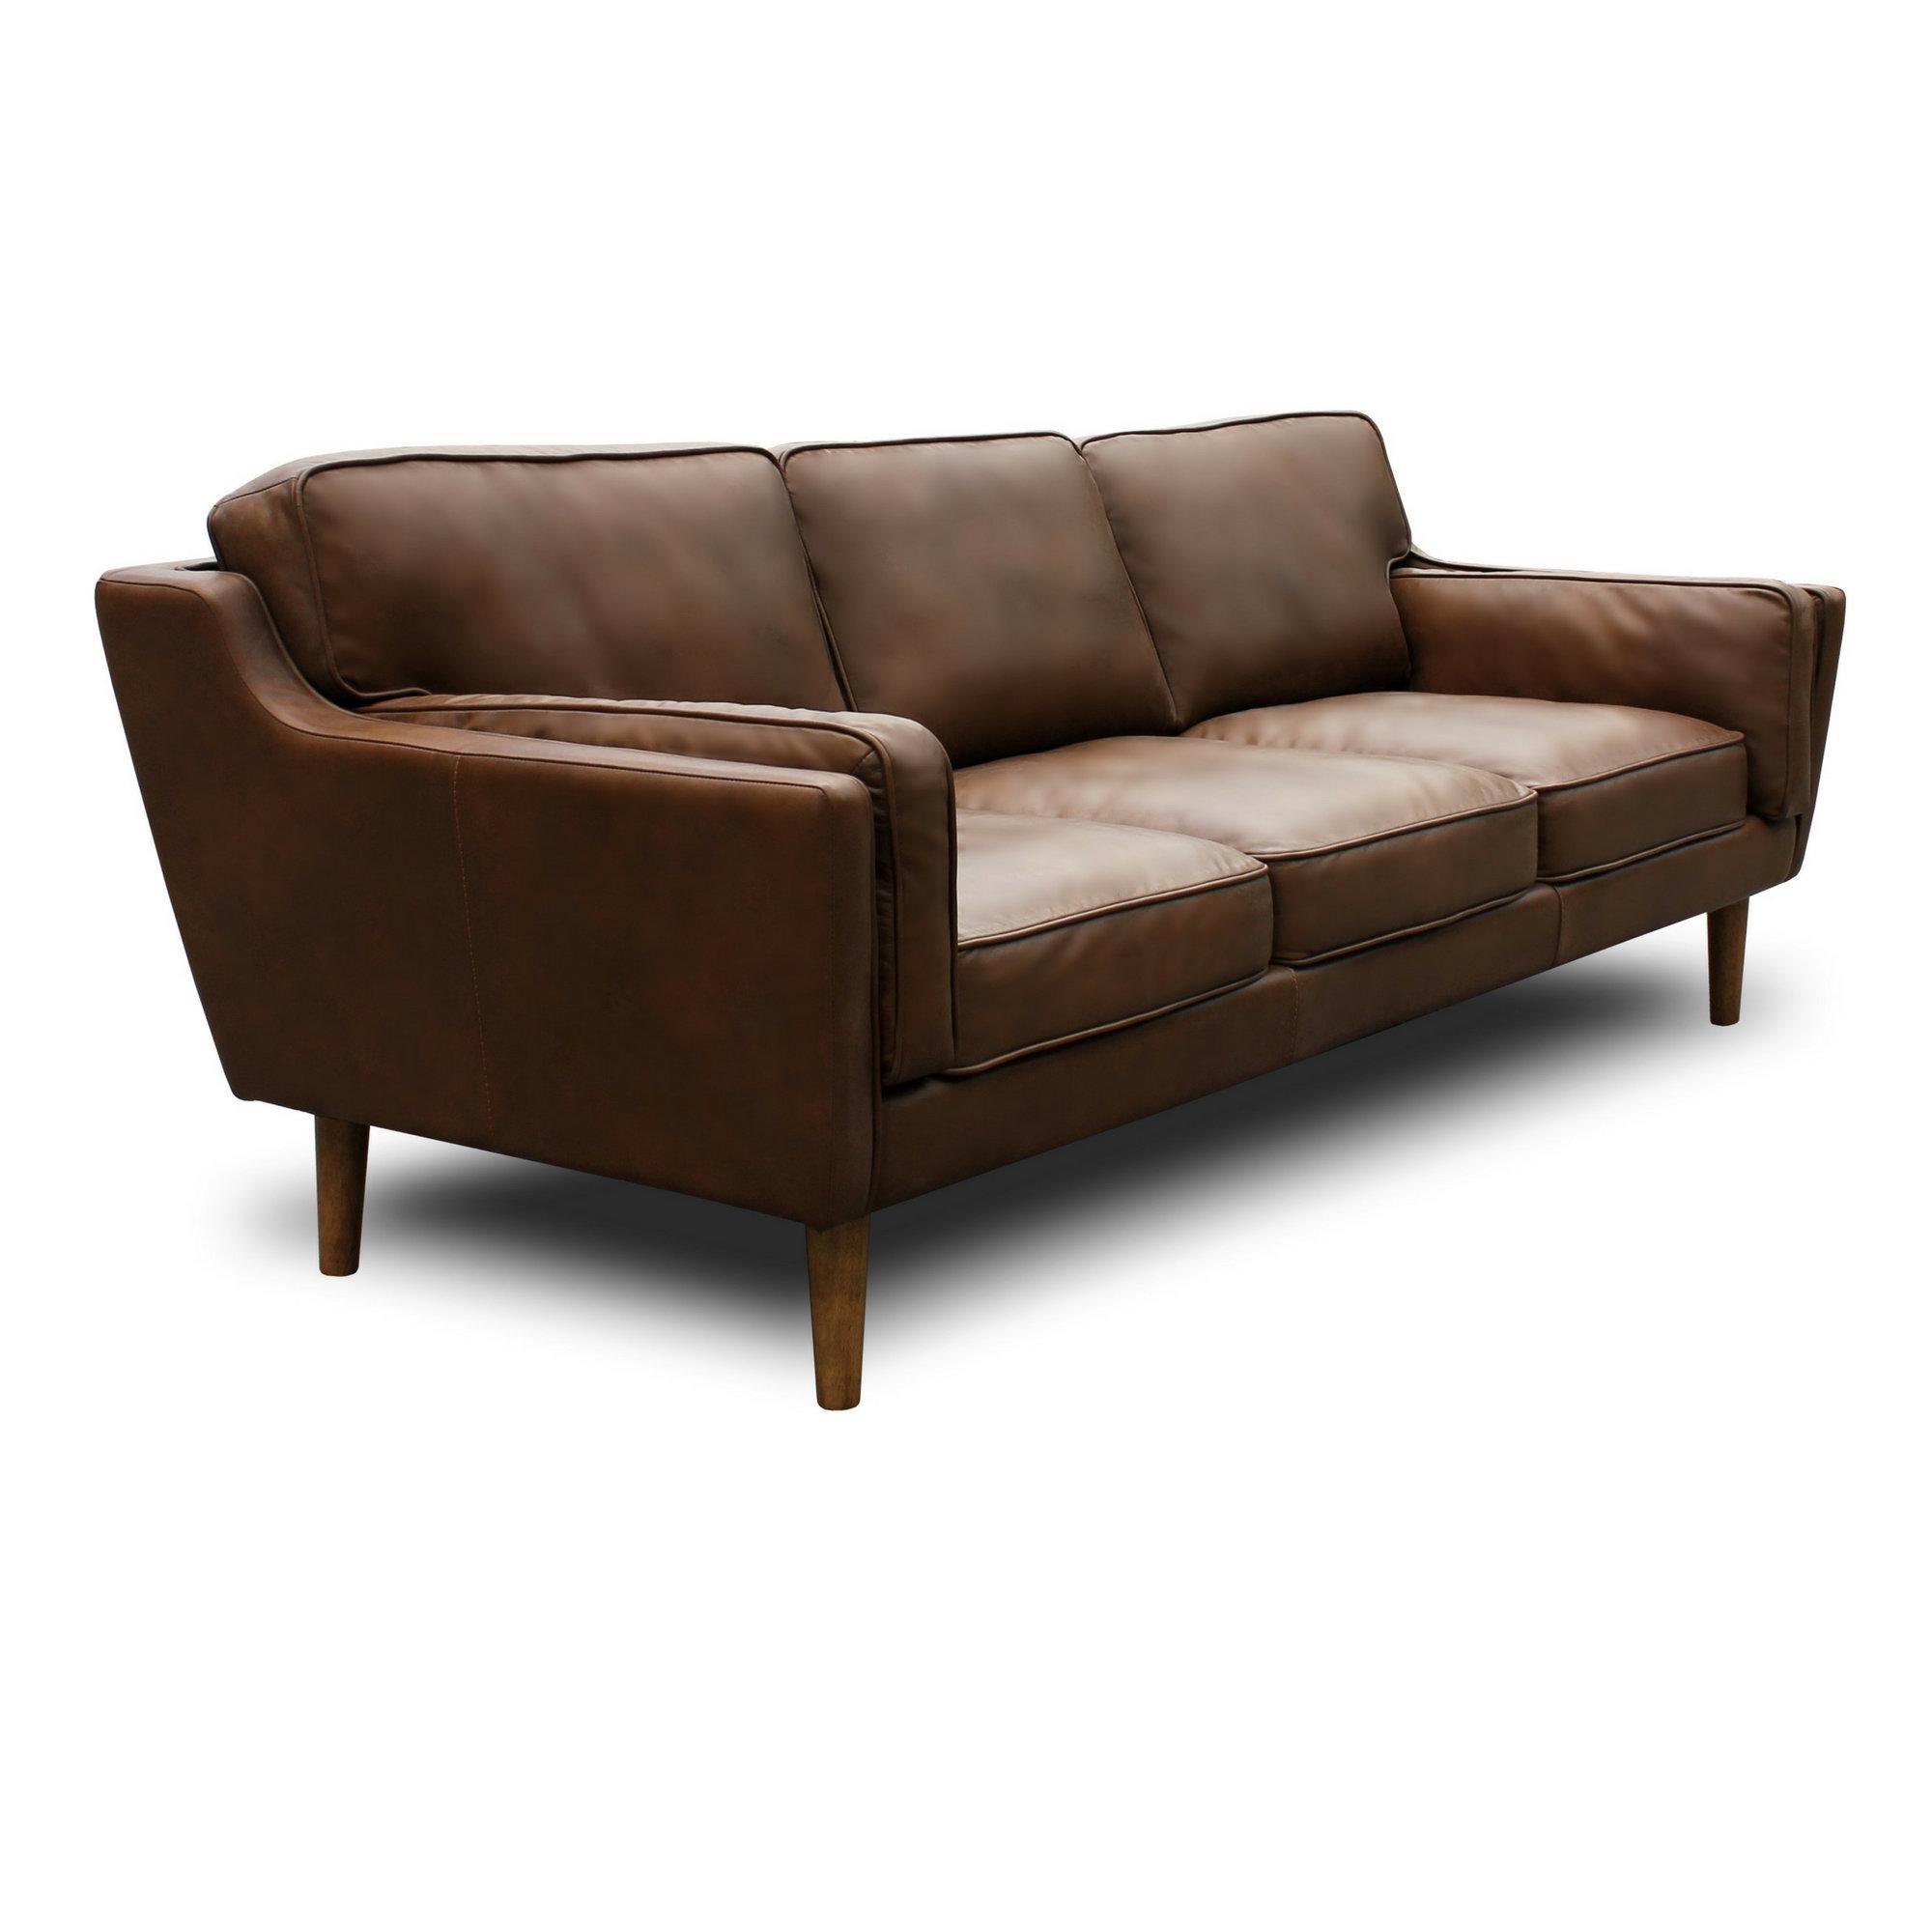 Canapé d'angle modernist